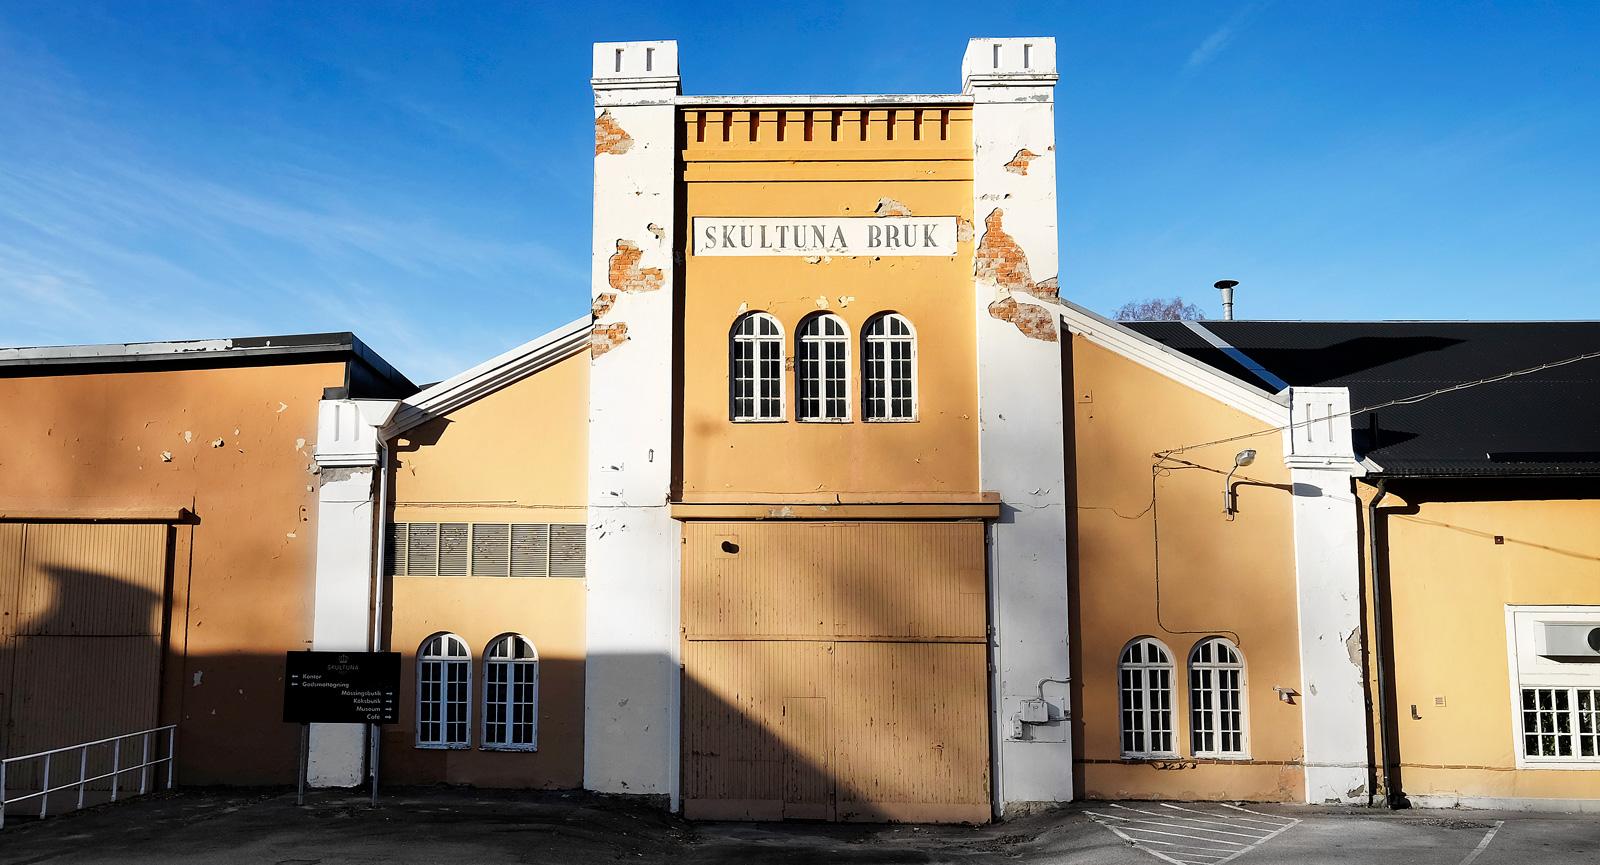 Strax bakom tegelbyggnaden (se artikelhuvud) gömmer sig denna vackra bruksbyggnad.